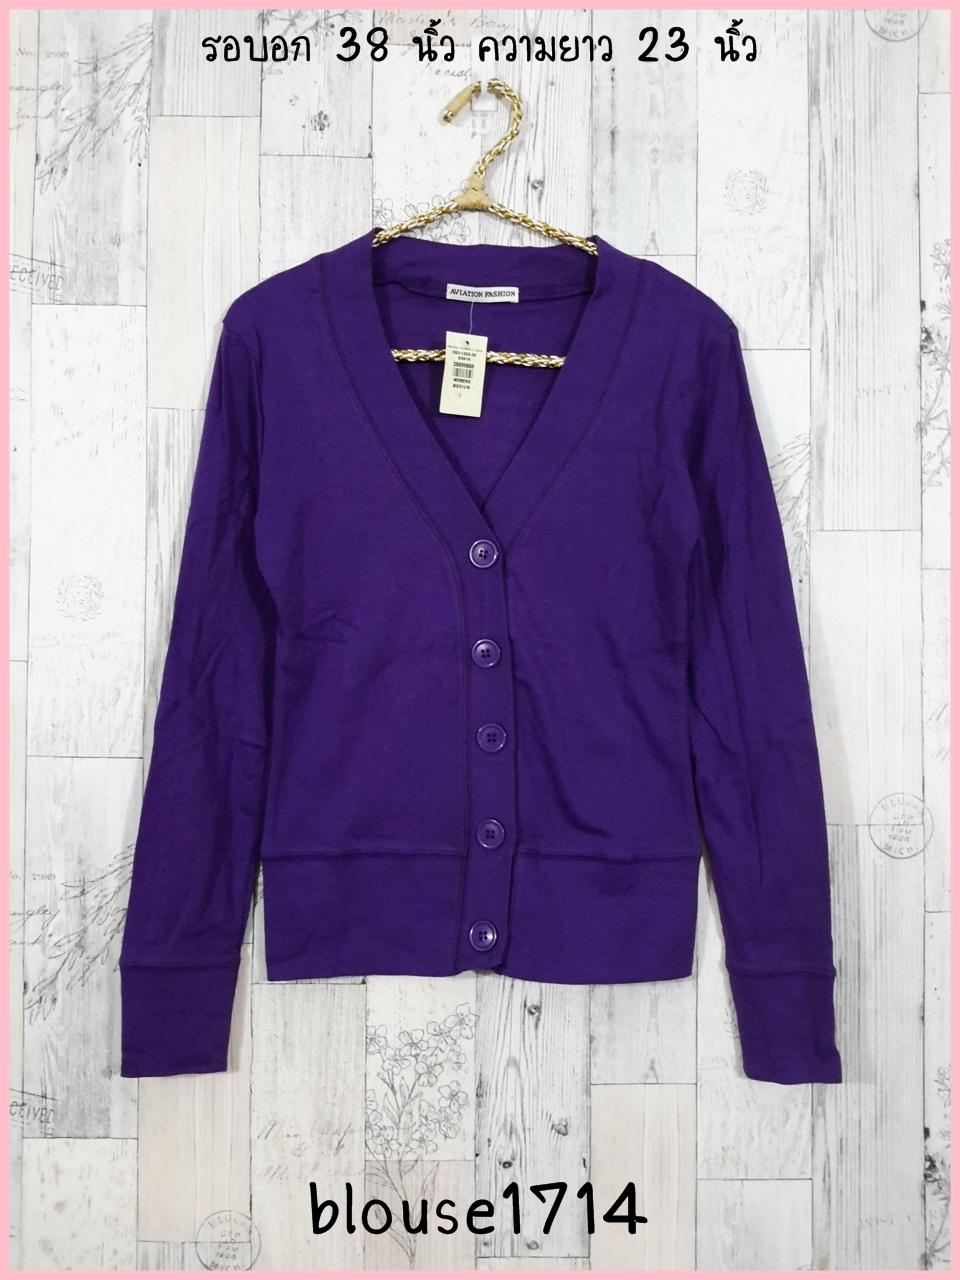 LOT SALE!! Blouse1714 เสื้อคลุมแฟชั่นผ้าเนื้อดี แขนยาว กระดุมหน้า เอวจัมพ์ สีม่วง